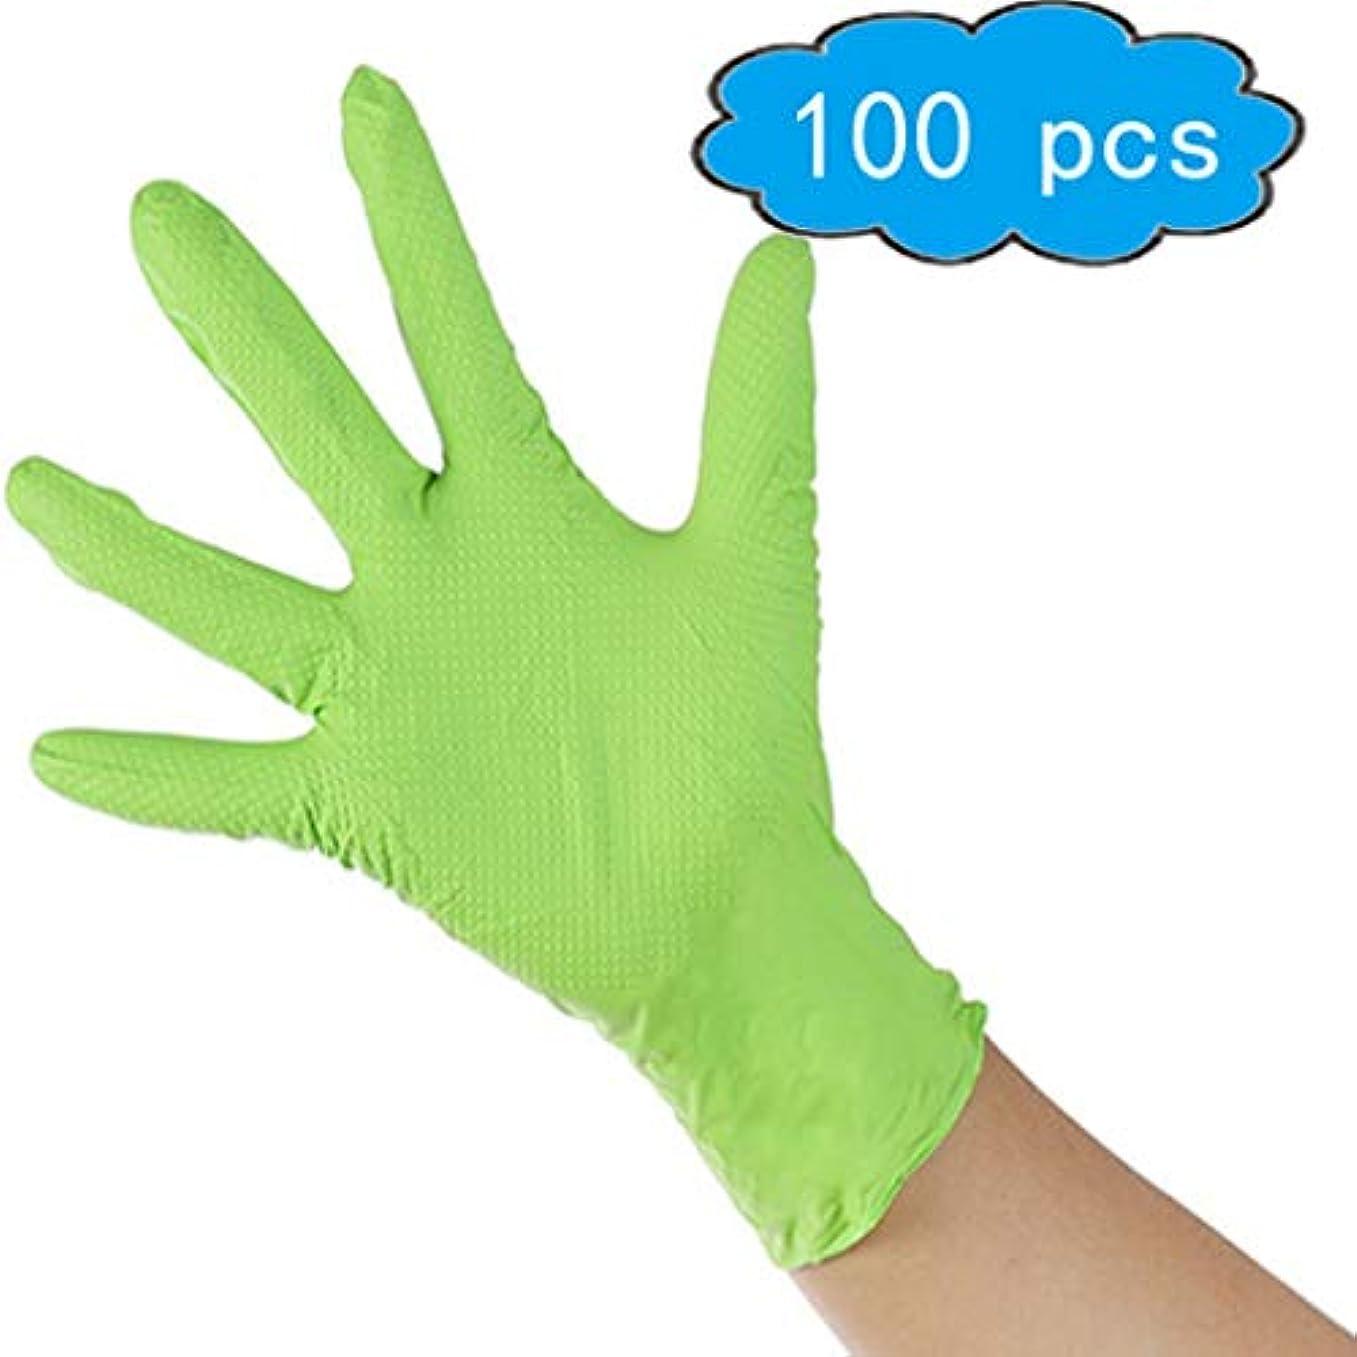 区別ぶどう修復使い捨てゴム手袋-5ミル、工業用、極厚、パウダーフリー、両手利き、オレンジ、ミディアム、100個入りの箱、滑り止めの掌紋、耐摩耗性と耐久性のある機械式ハードウェアゴム手袋 (Color : Green, Size : L)